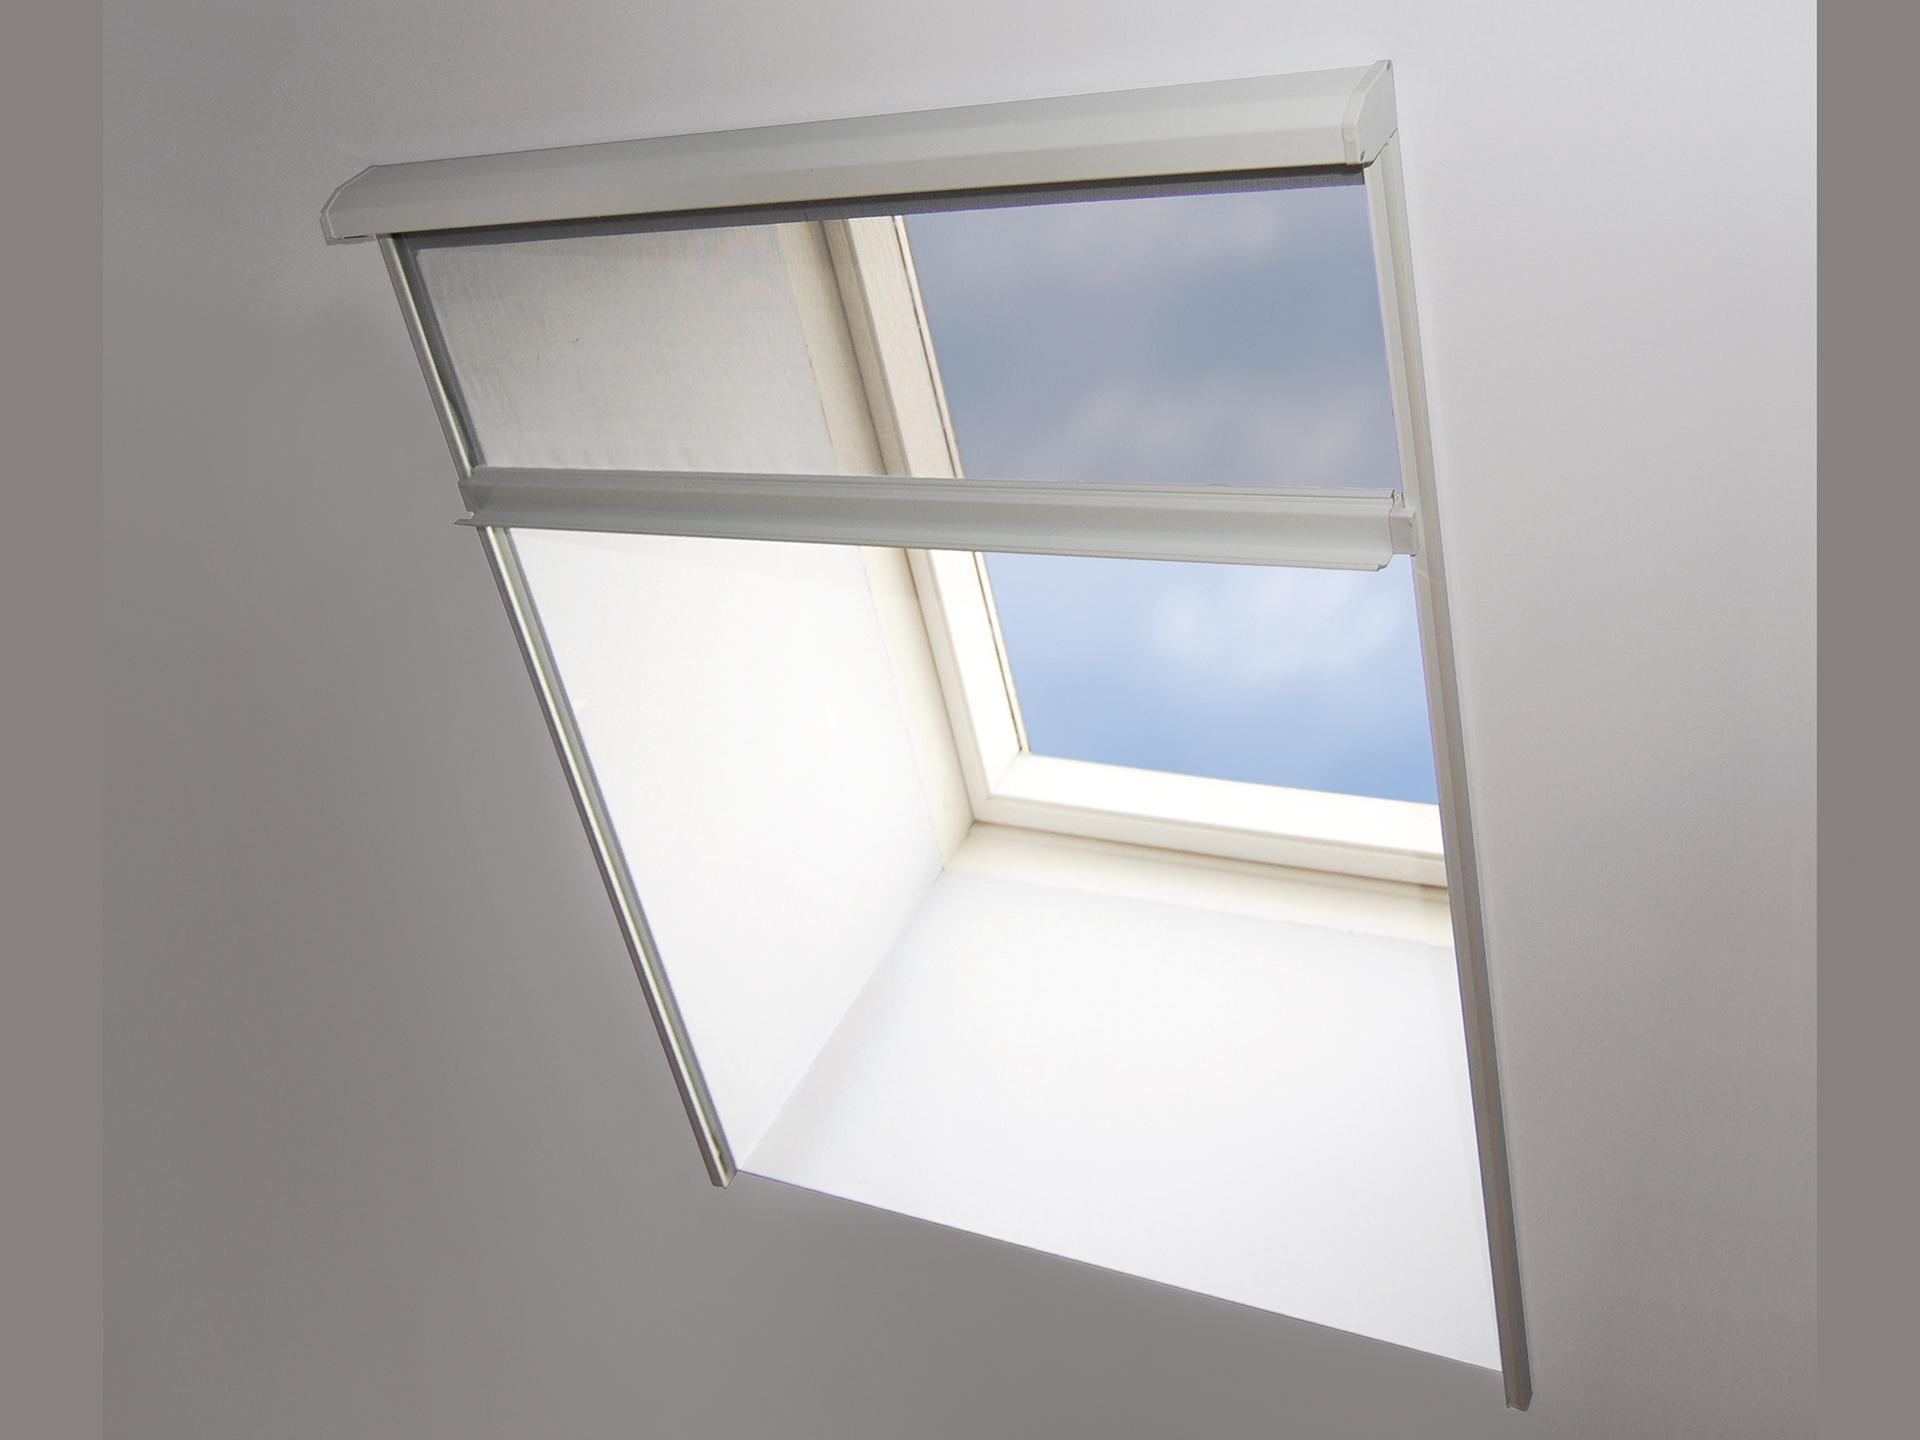 Bruynzeel S700 Store Moustiquaire Fenêtre De Toit 114x155 Cm